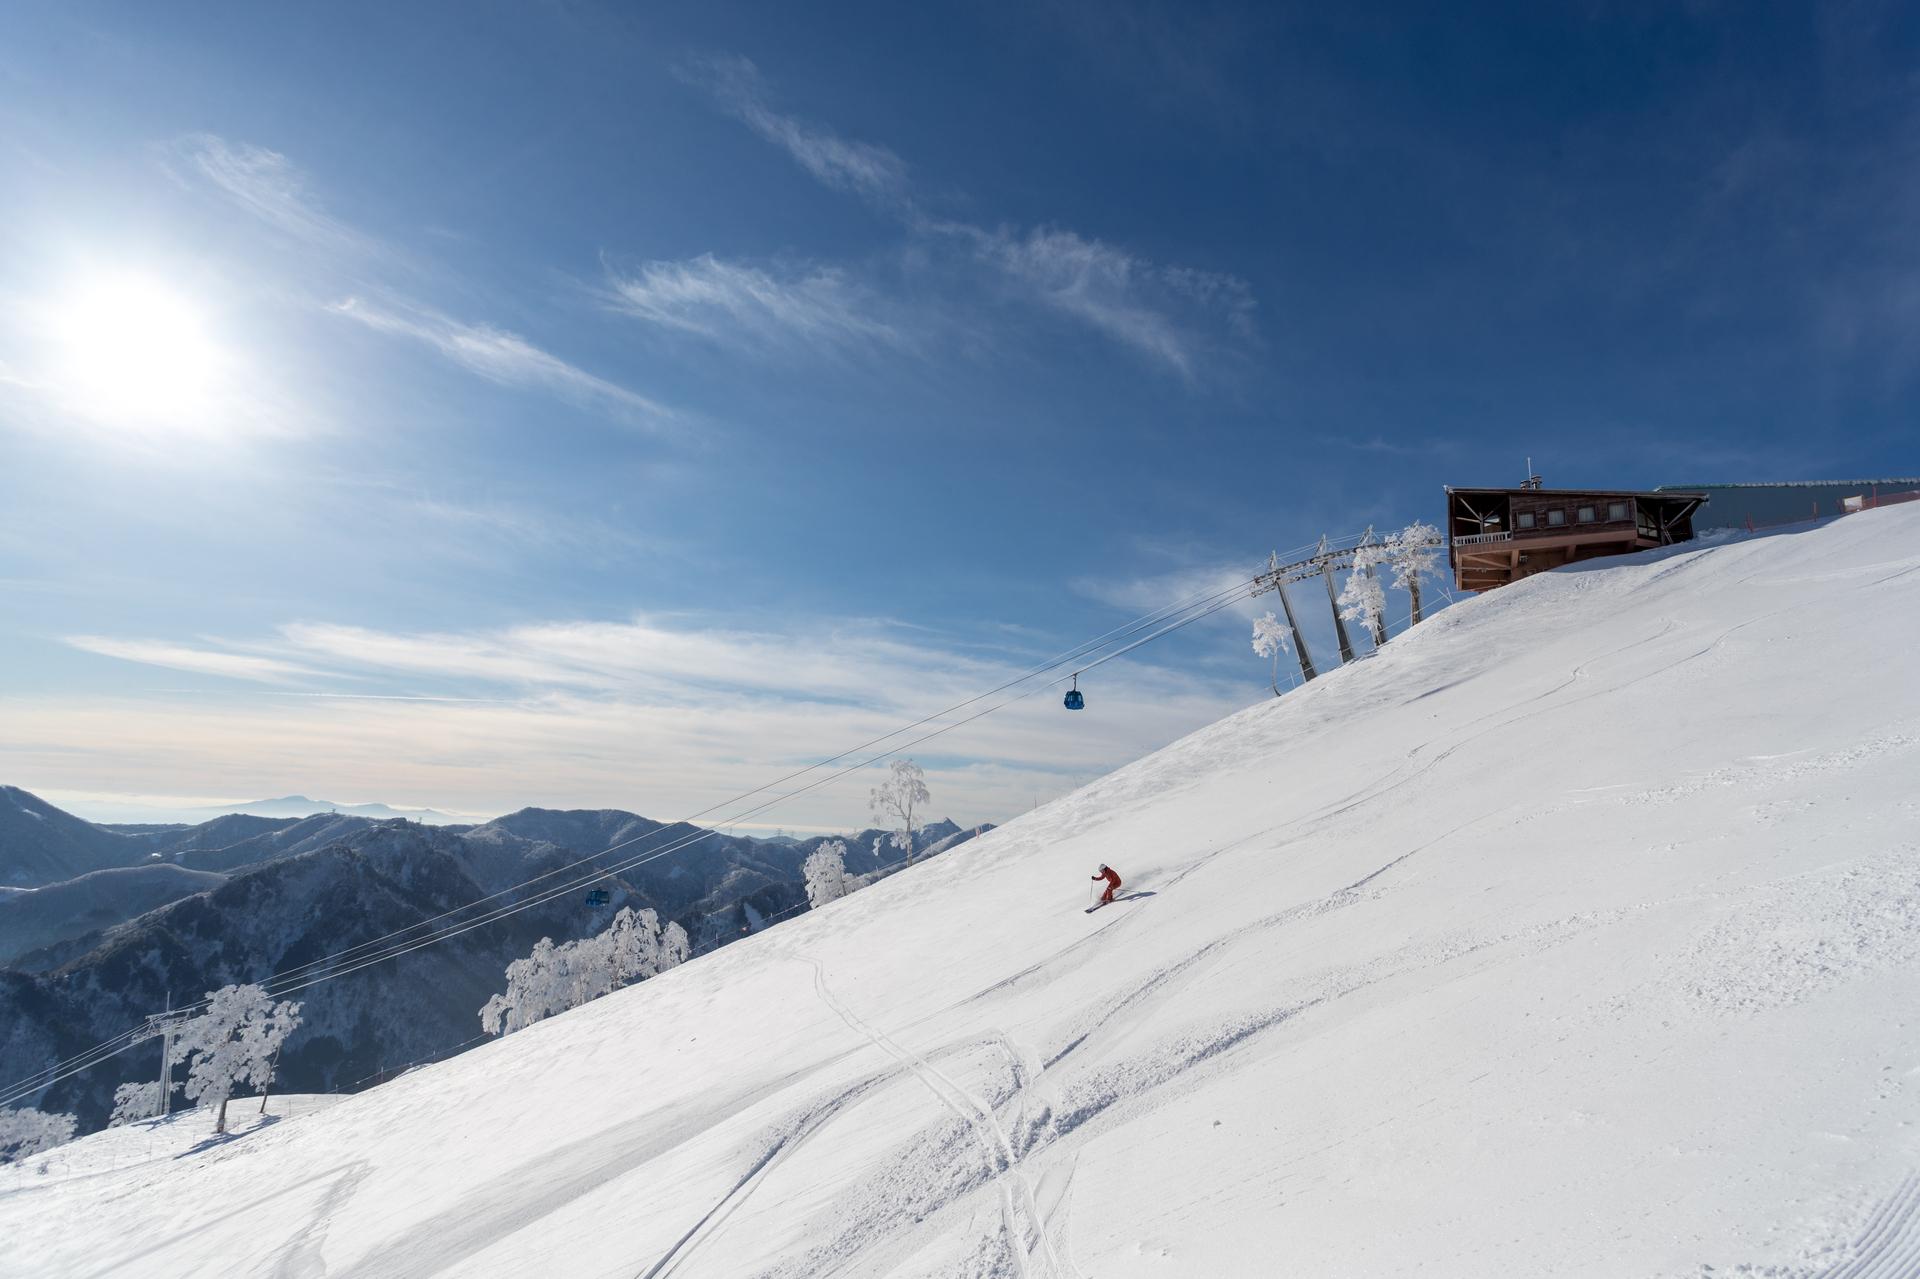 苗場スキー場は日本を代表するスキーリゾート